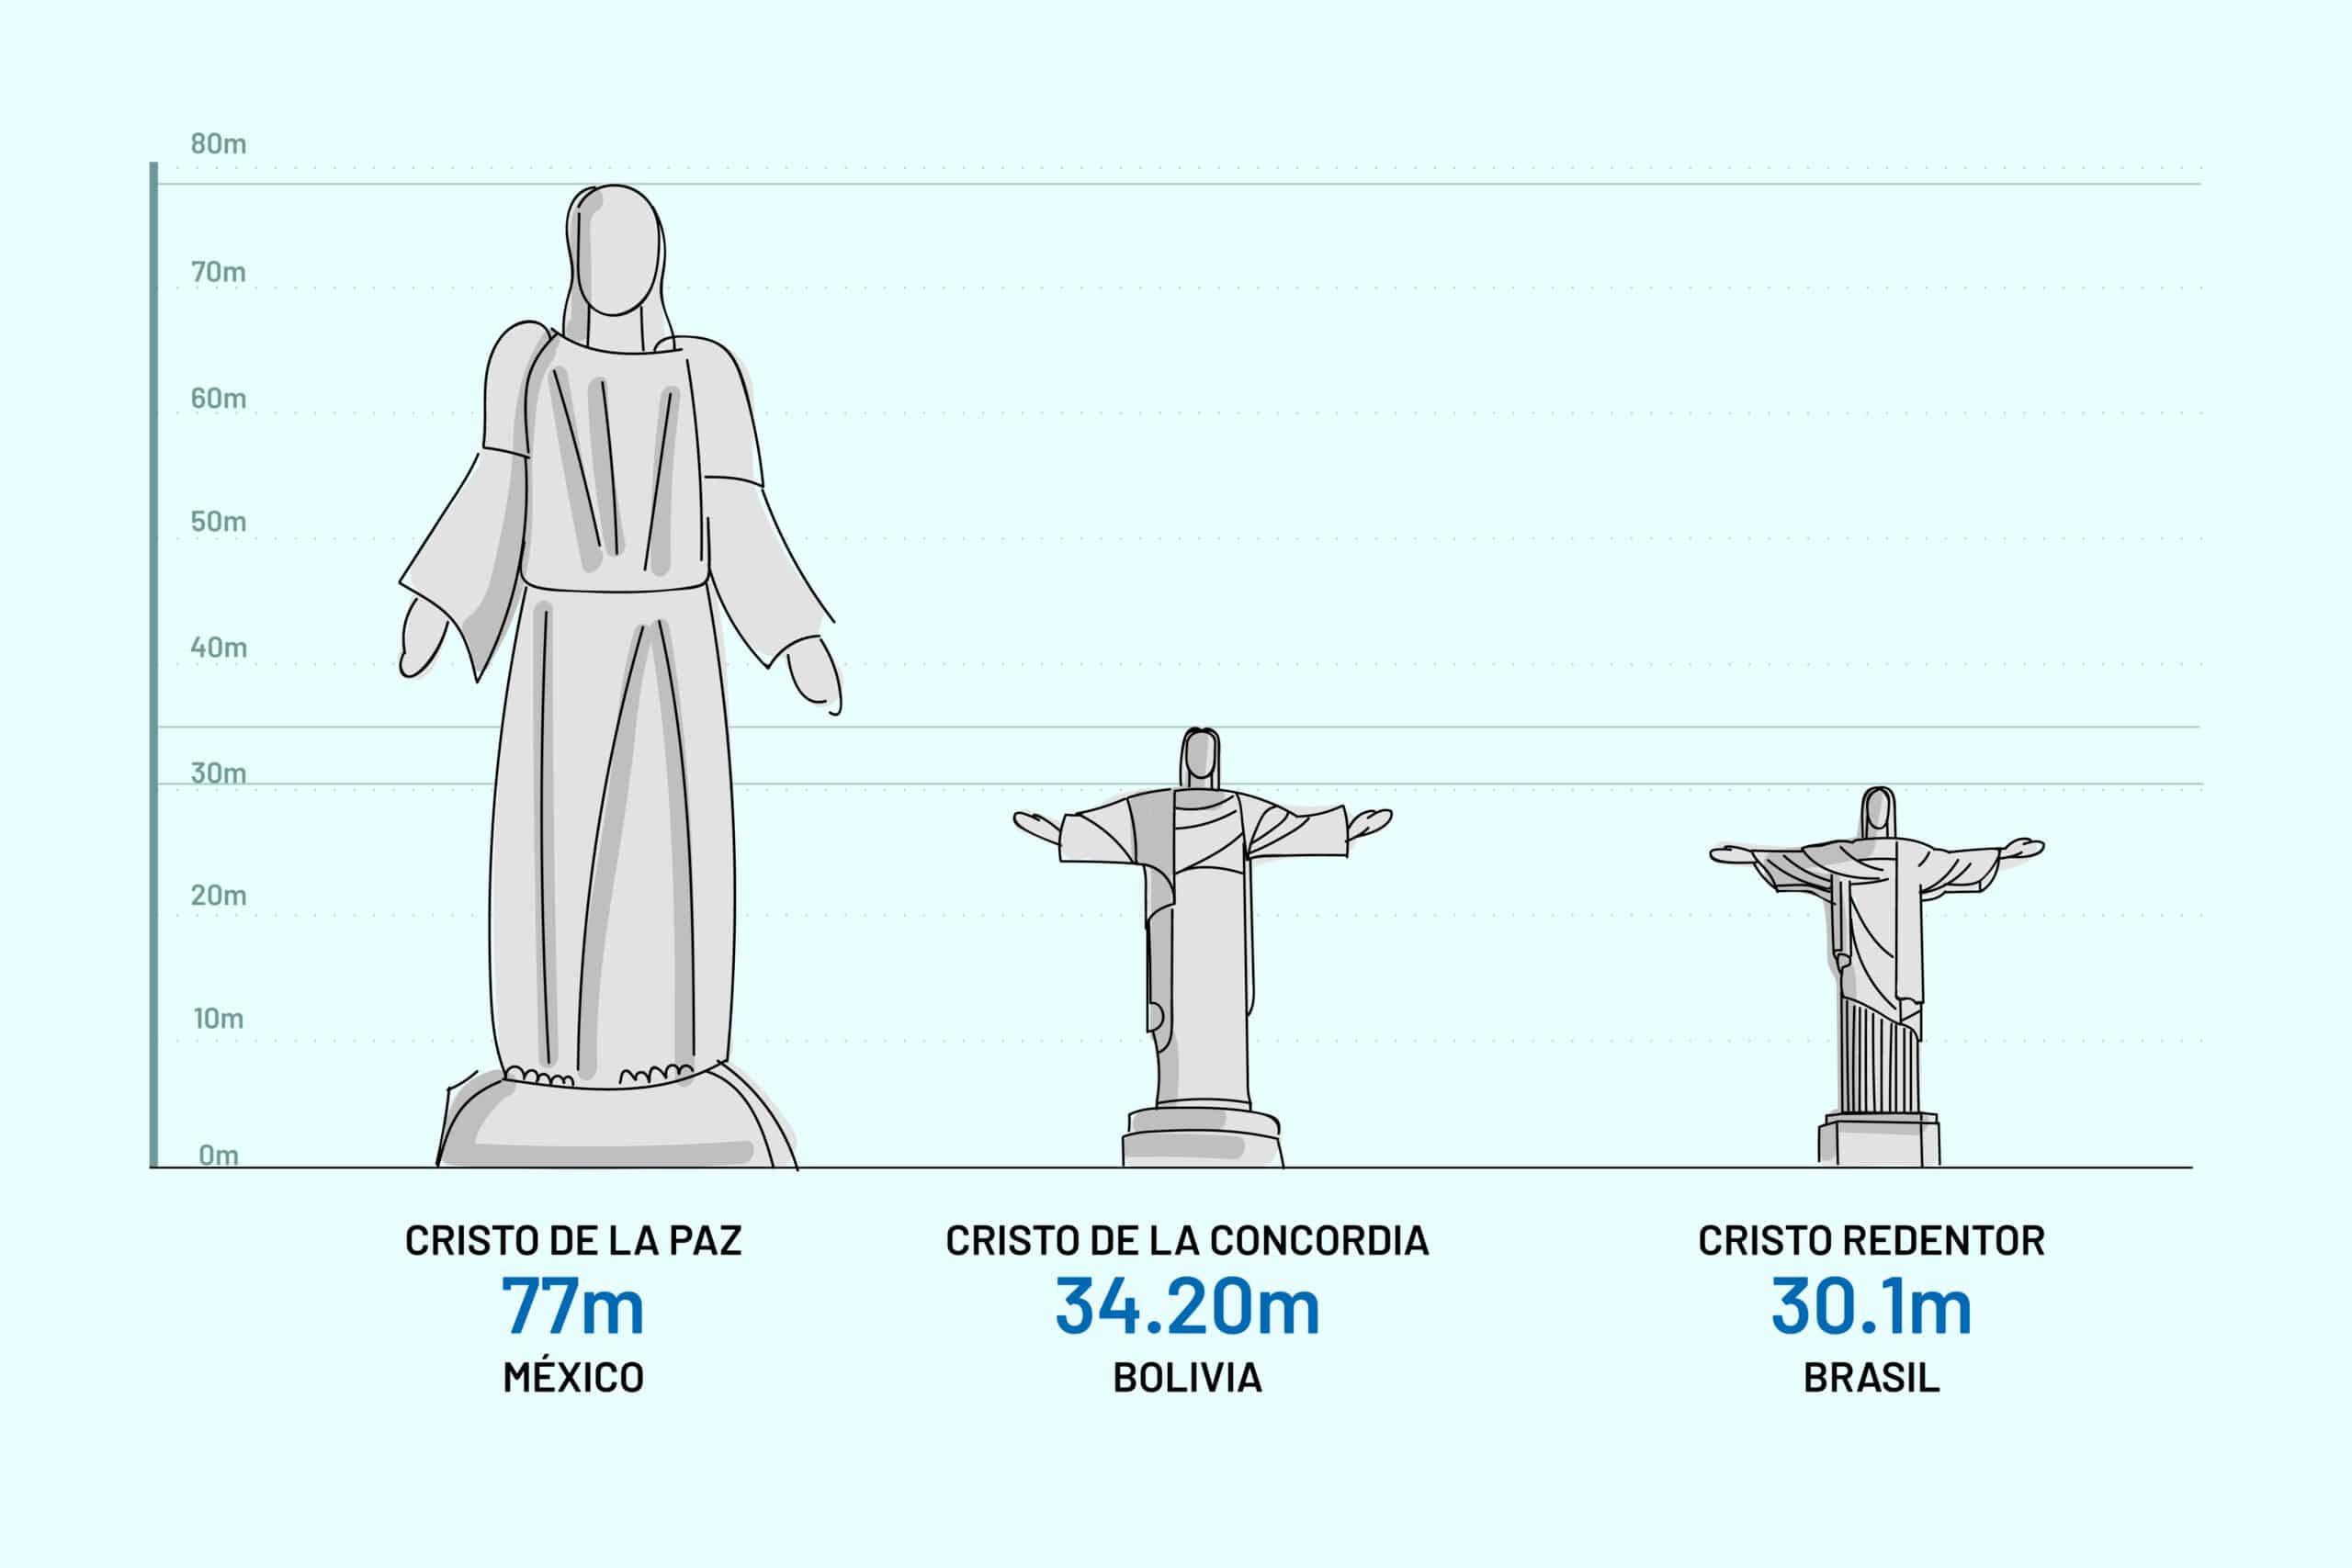 El Cristo de la Paz será la imagen de Cristo más grande del mundo y superará al Cristo de la Concordia de Bolivia y al Cristo Redentor de Brasil.